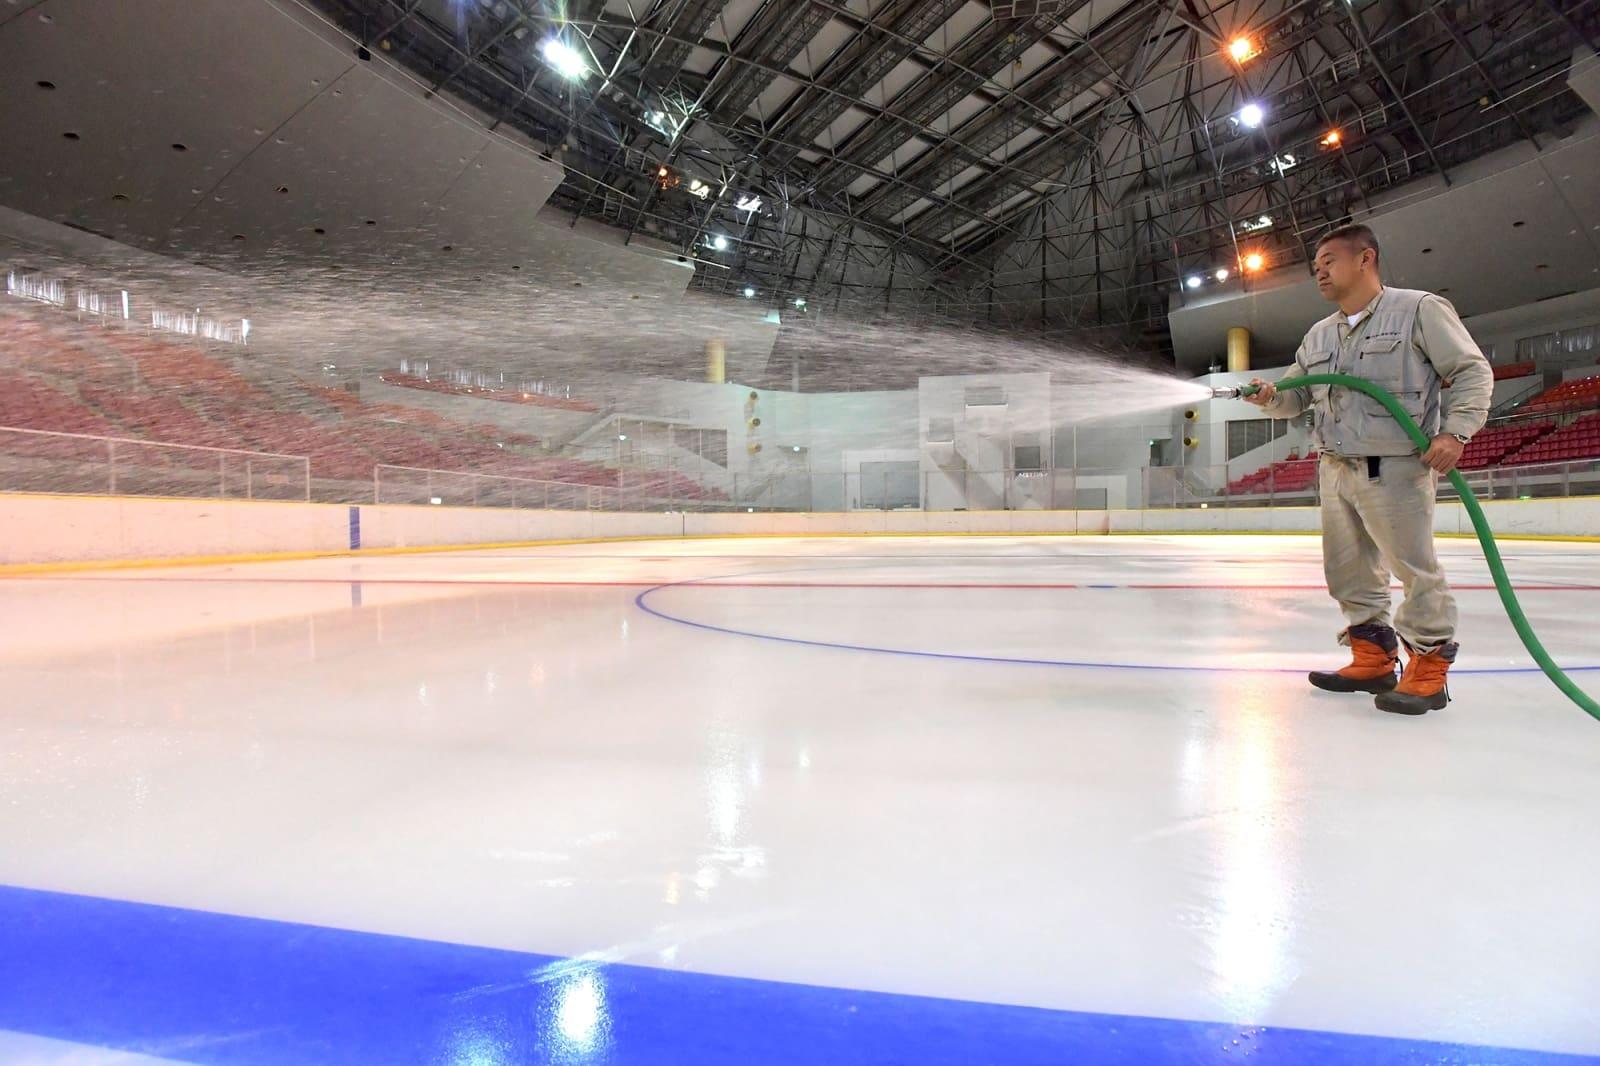 オープンを間近に控え、製氷作業が進むアクアドームスケートリンク